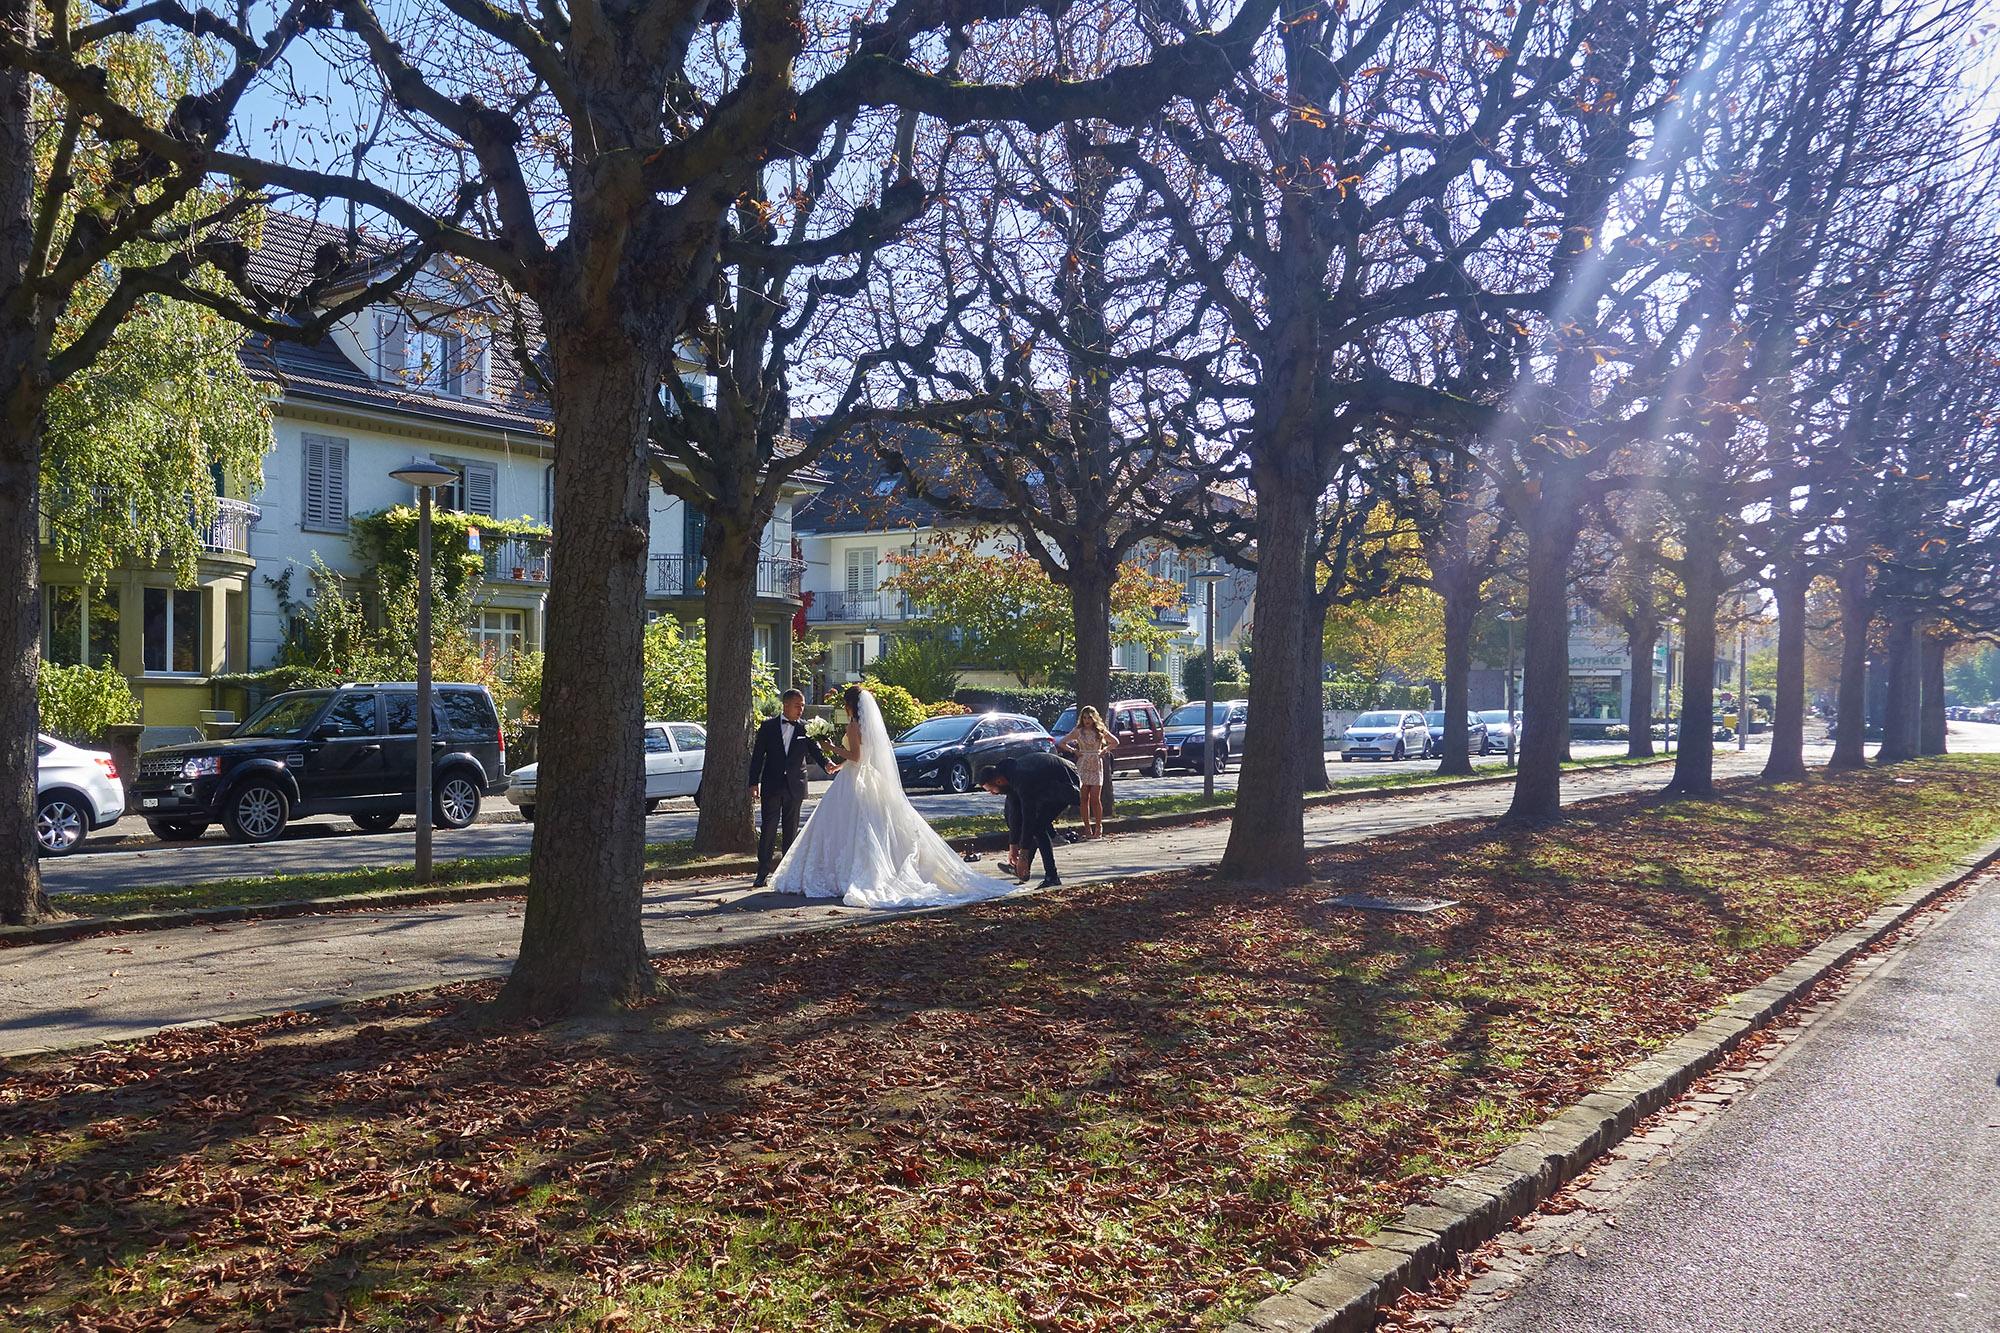 Als romantische Kulisse sind Bäume beliebt, aber der Wirtschaftlichkeit stehen sie oft im Weg.